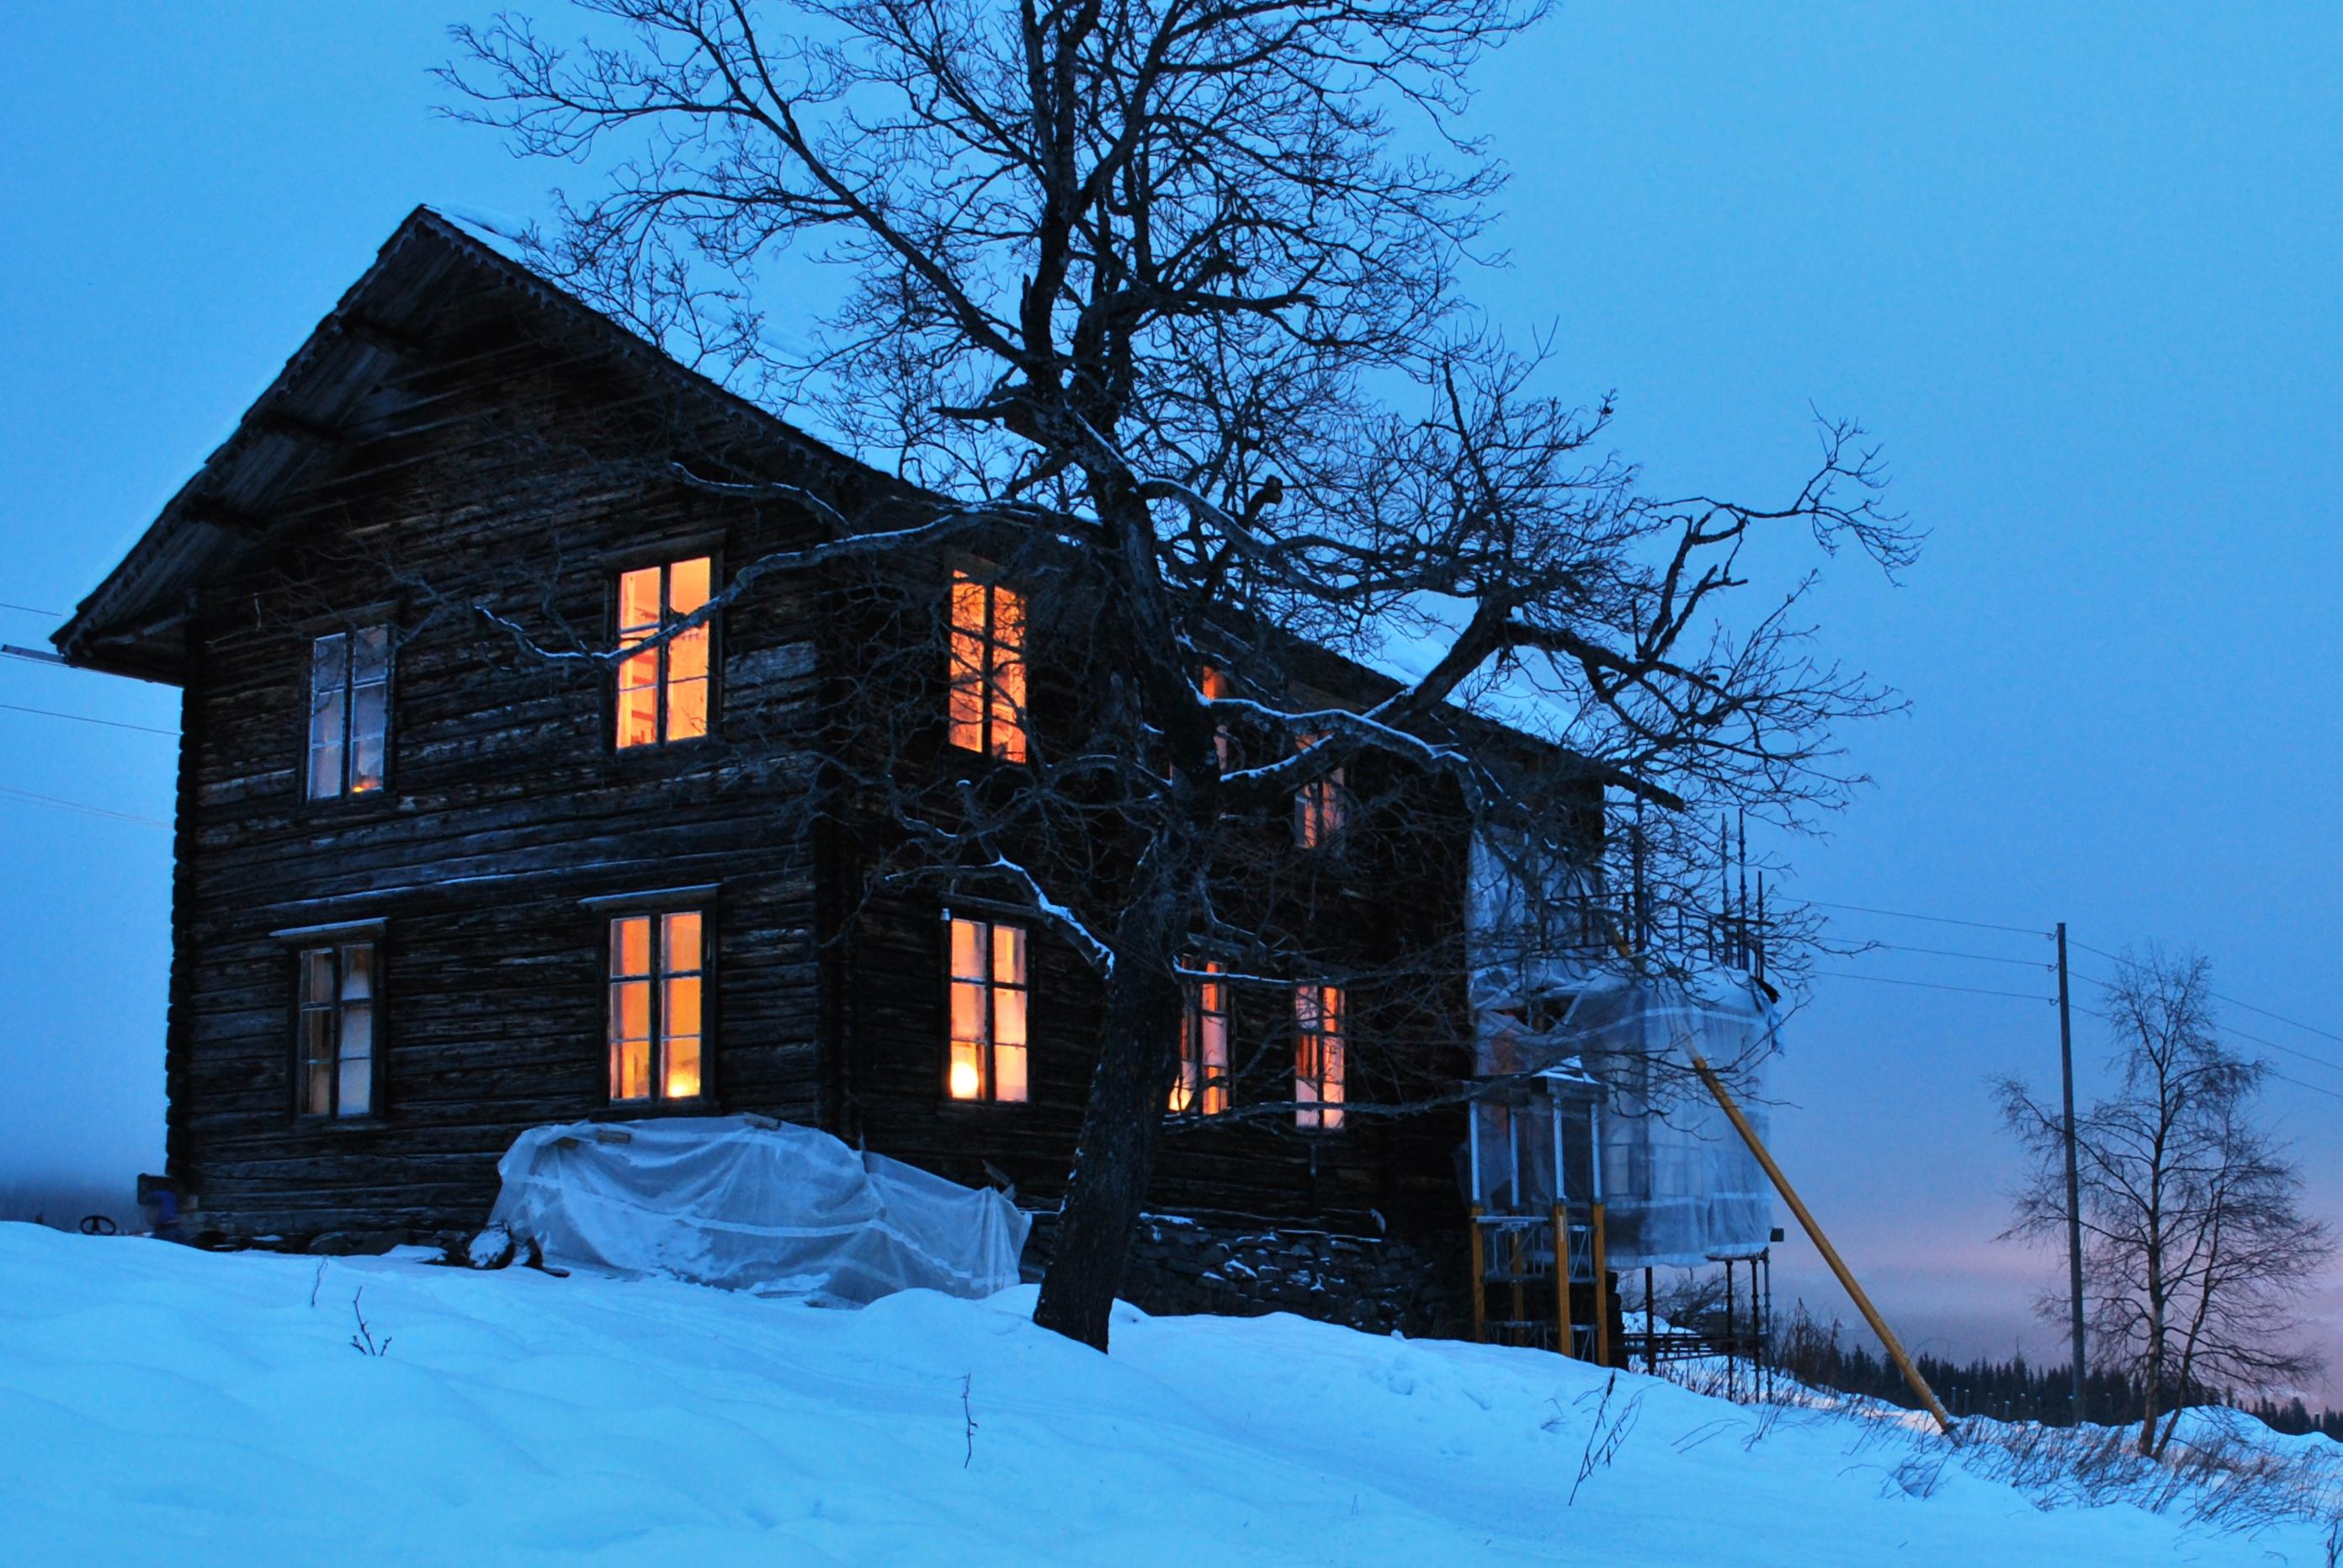 Lys i gamle hus